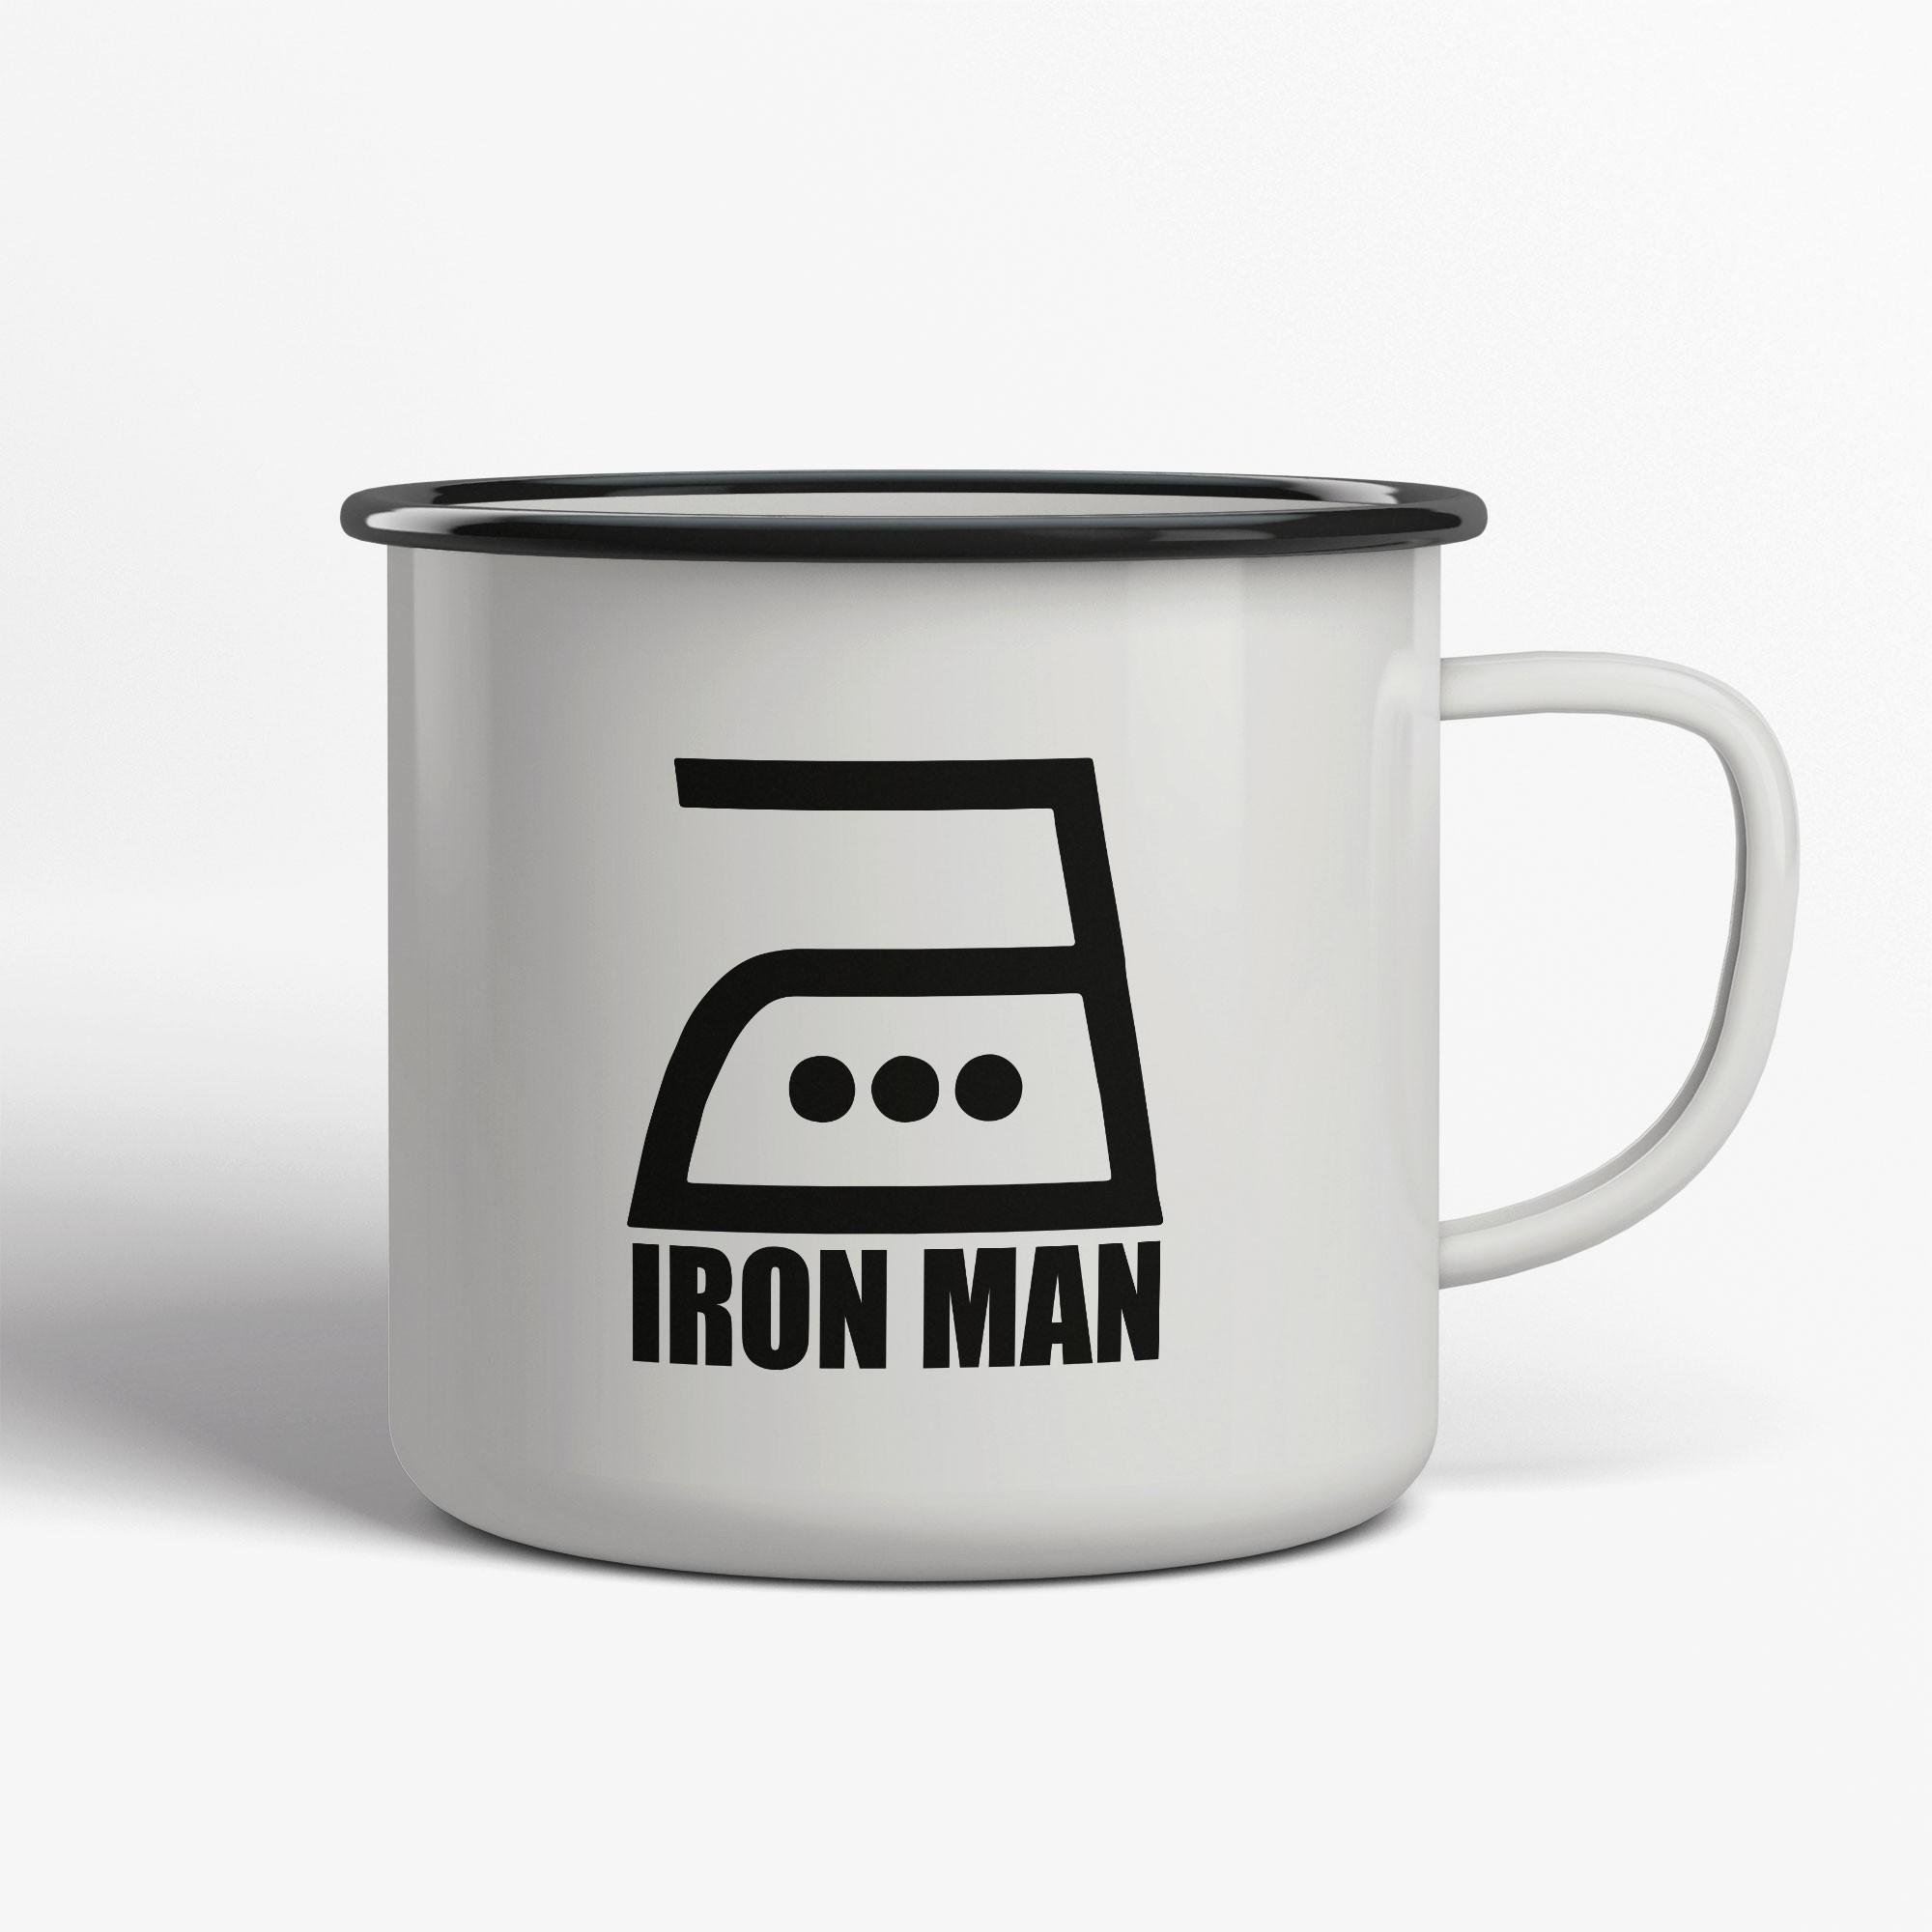 Iron Man Emaljmugg